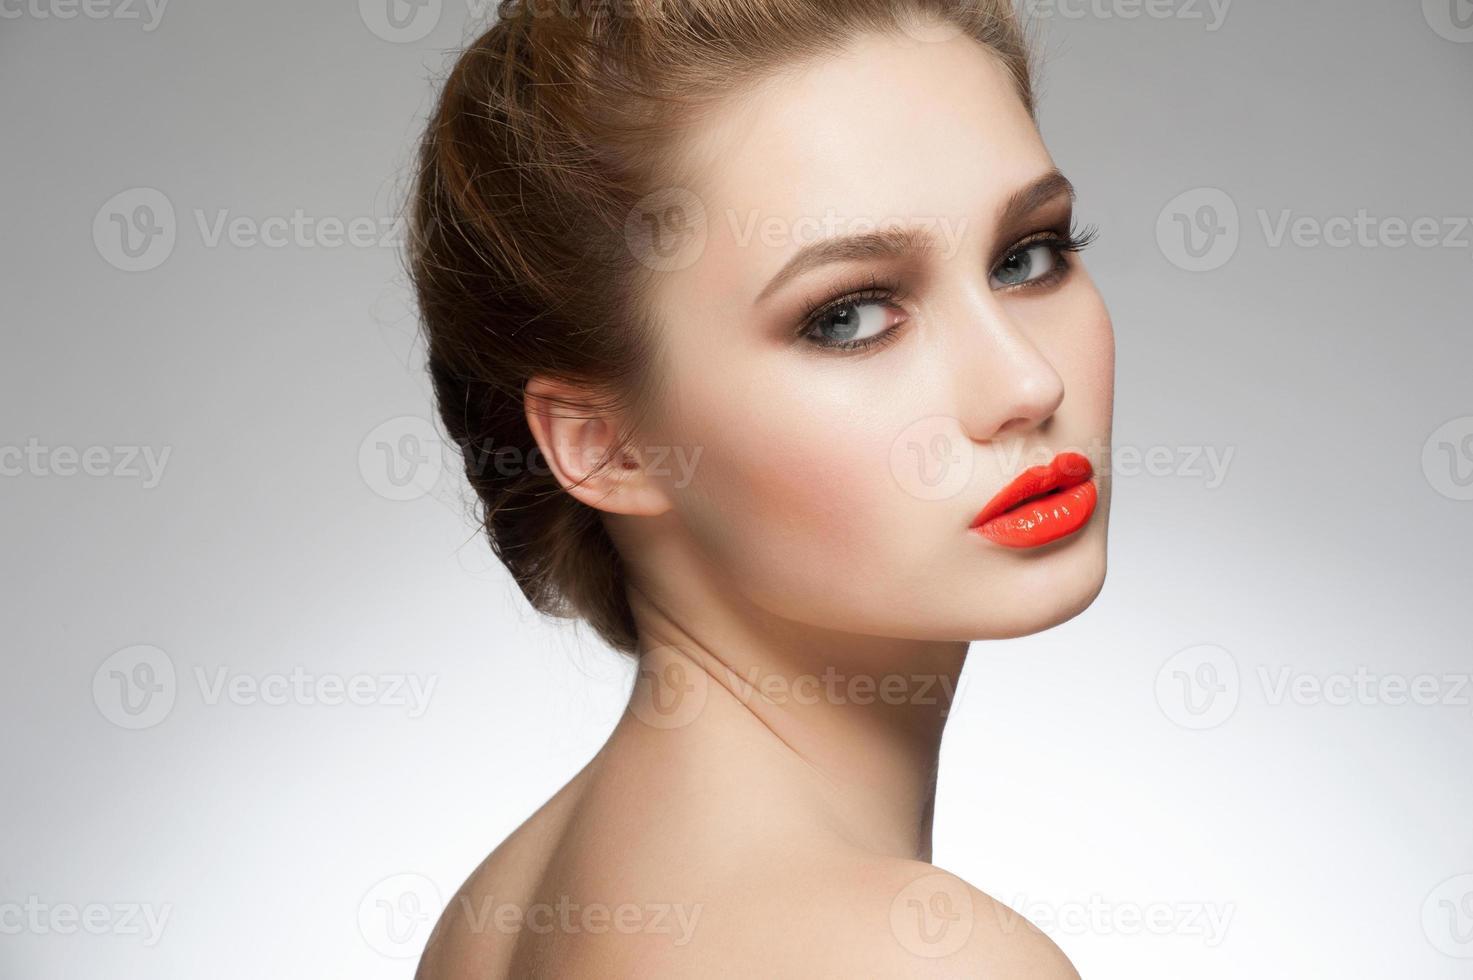 donna con rossetto arancione foto